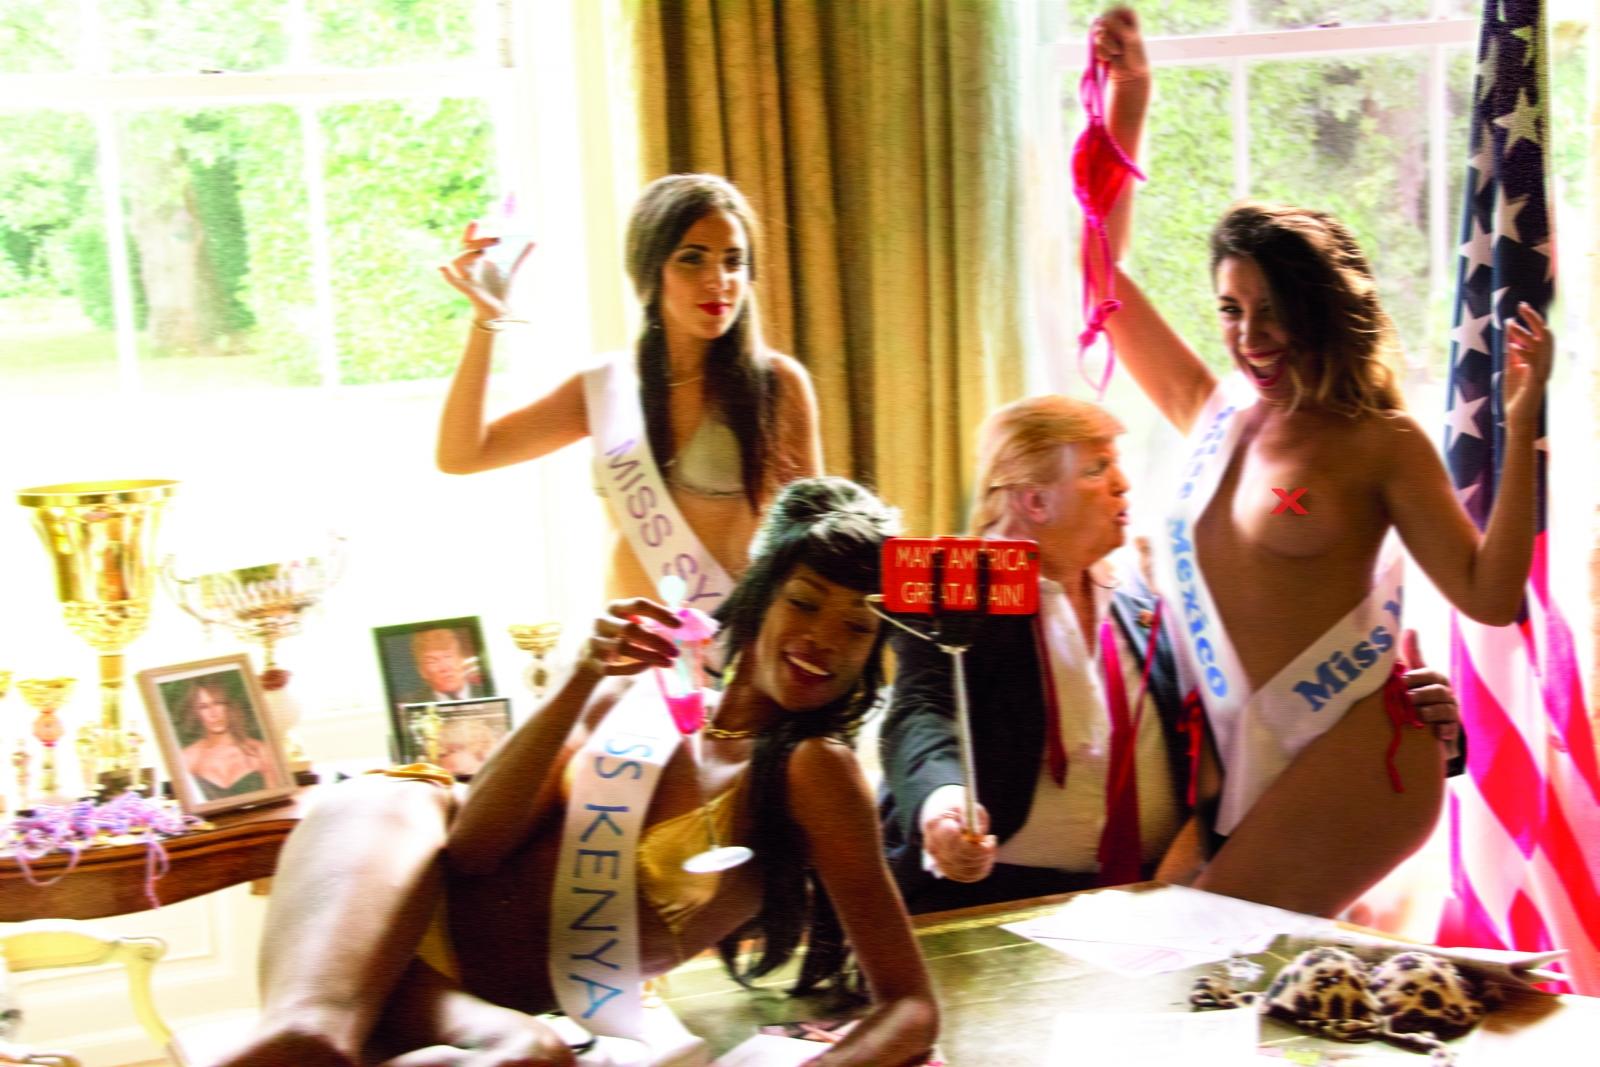 Trump spoof image lookalike